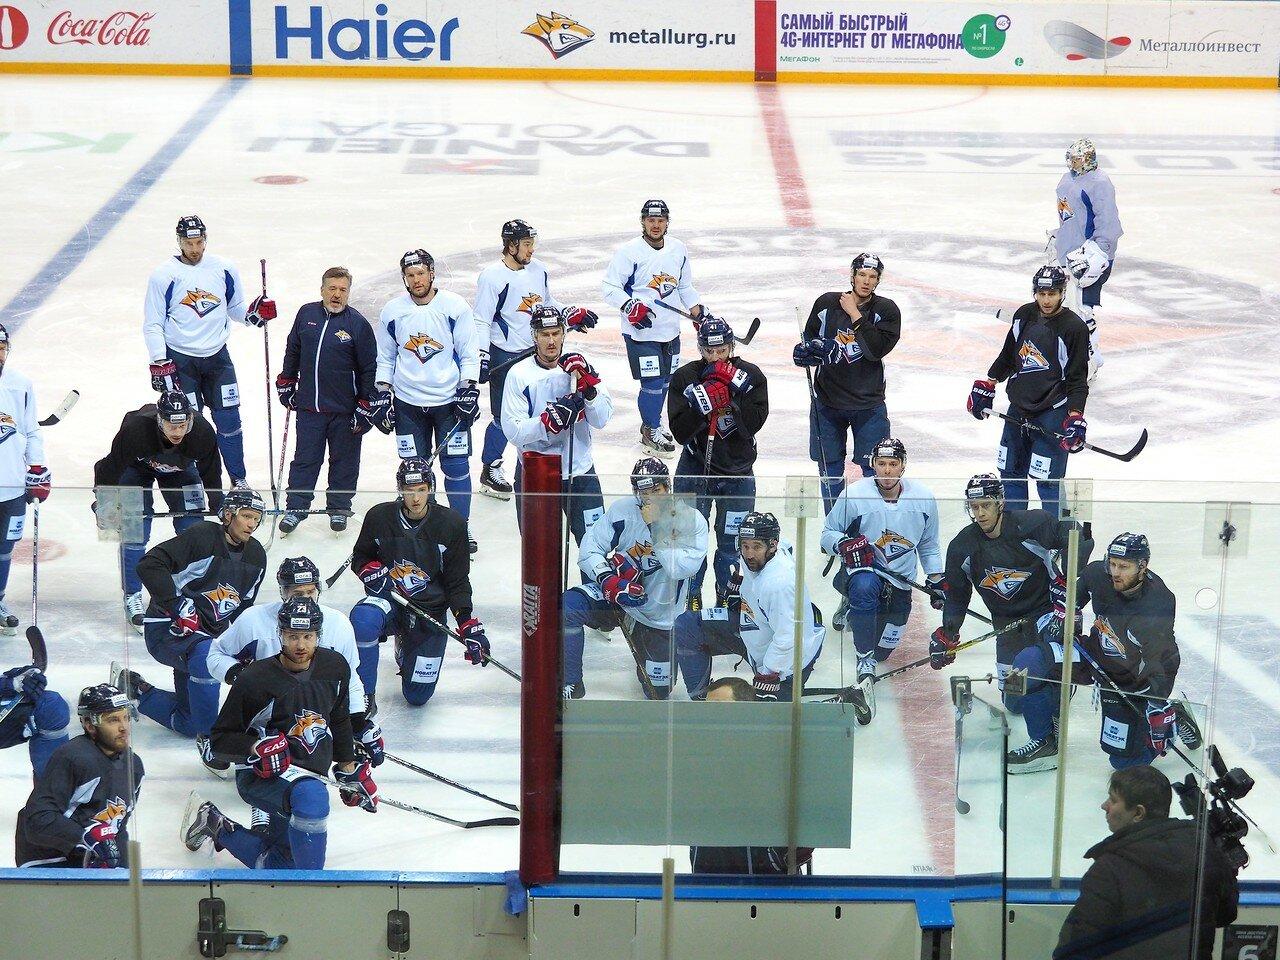 4 Открытая тренировка перед финалом плей-офф восточной конференции КХЛ 2017 22.03.2017